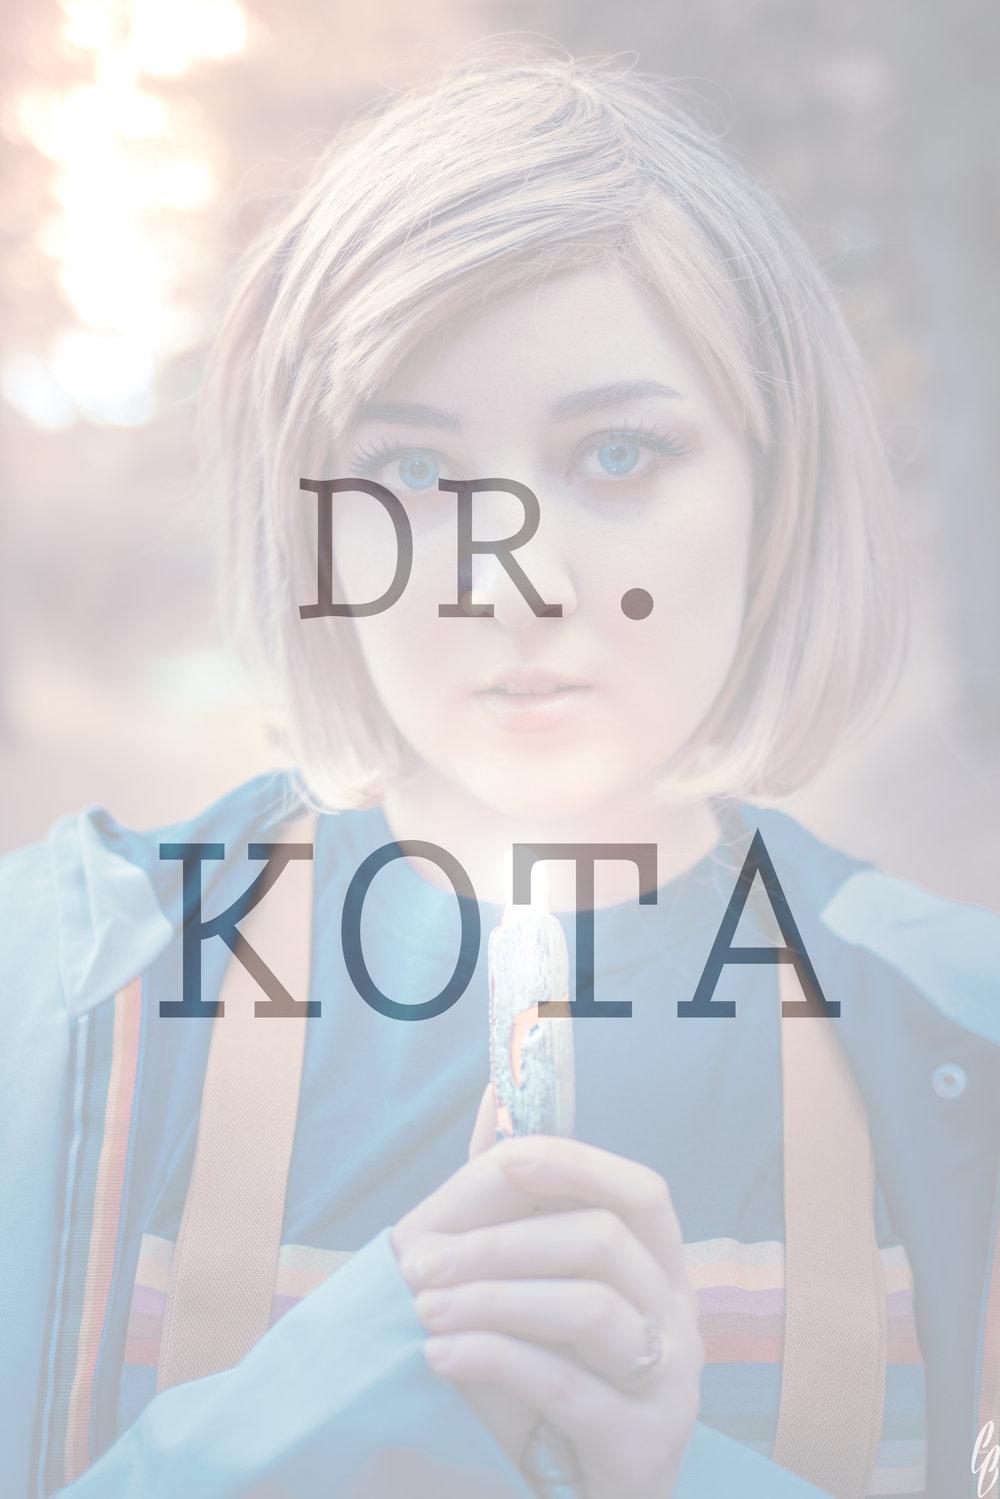 DR KOTA.jpg